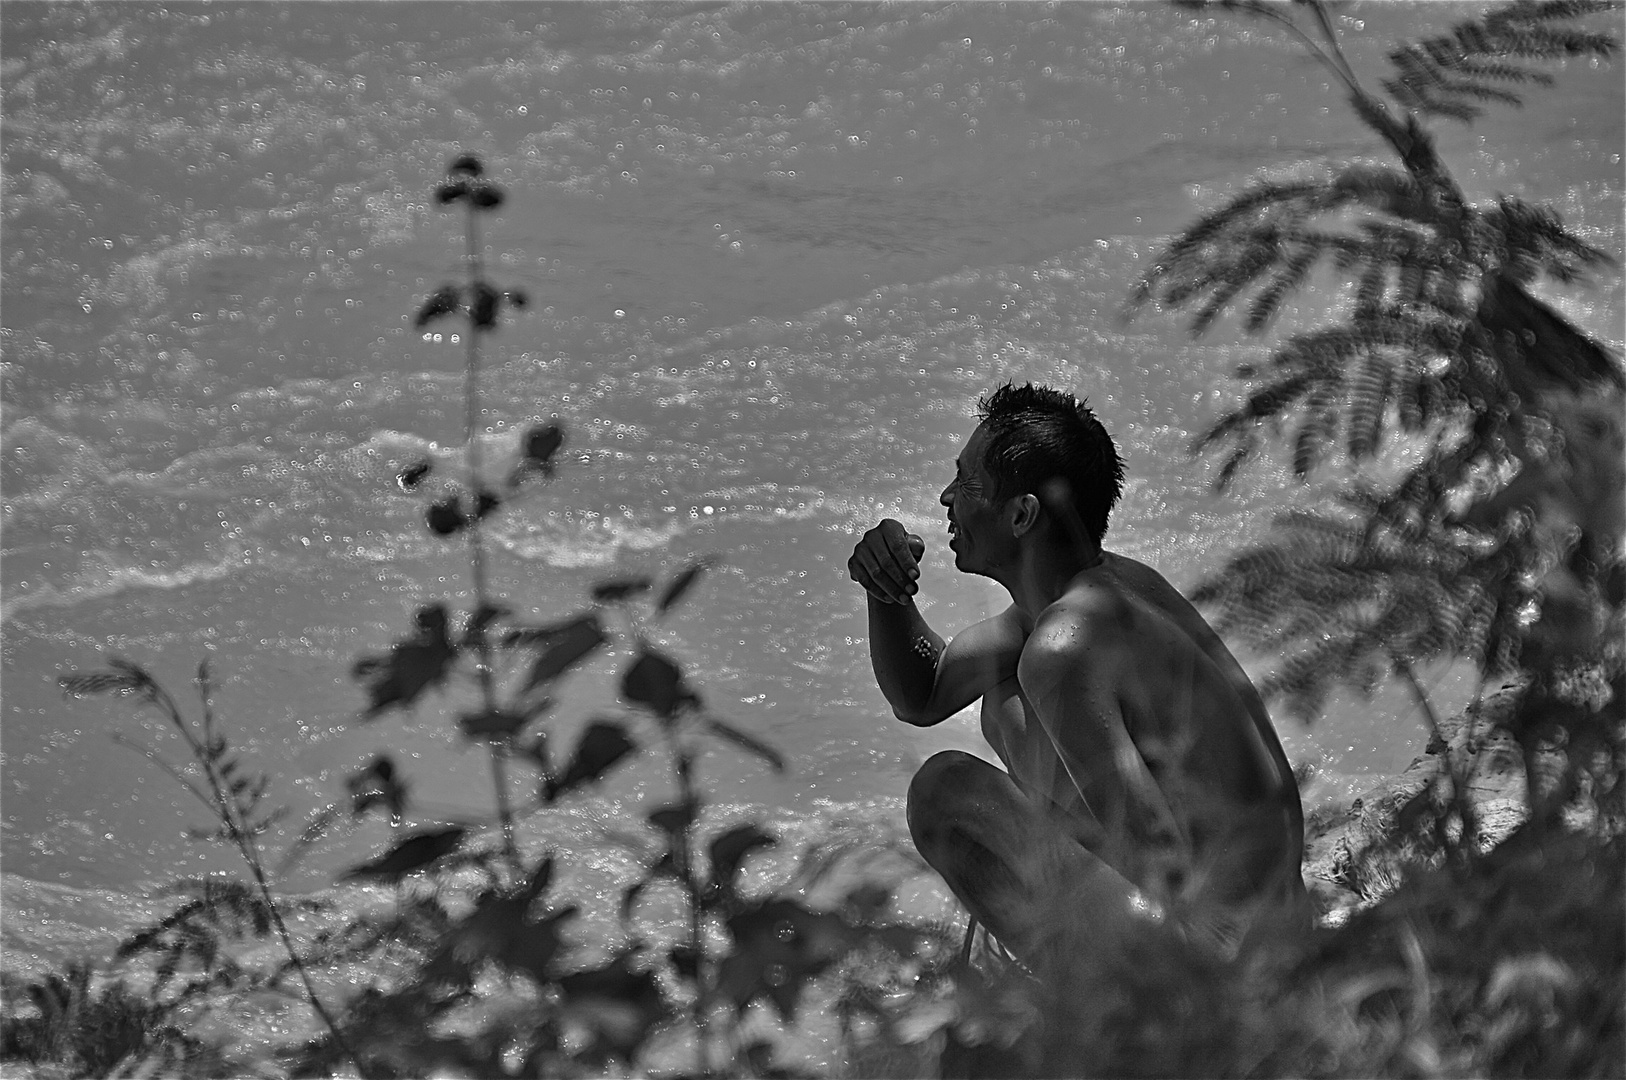 der badende